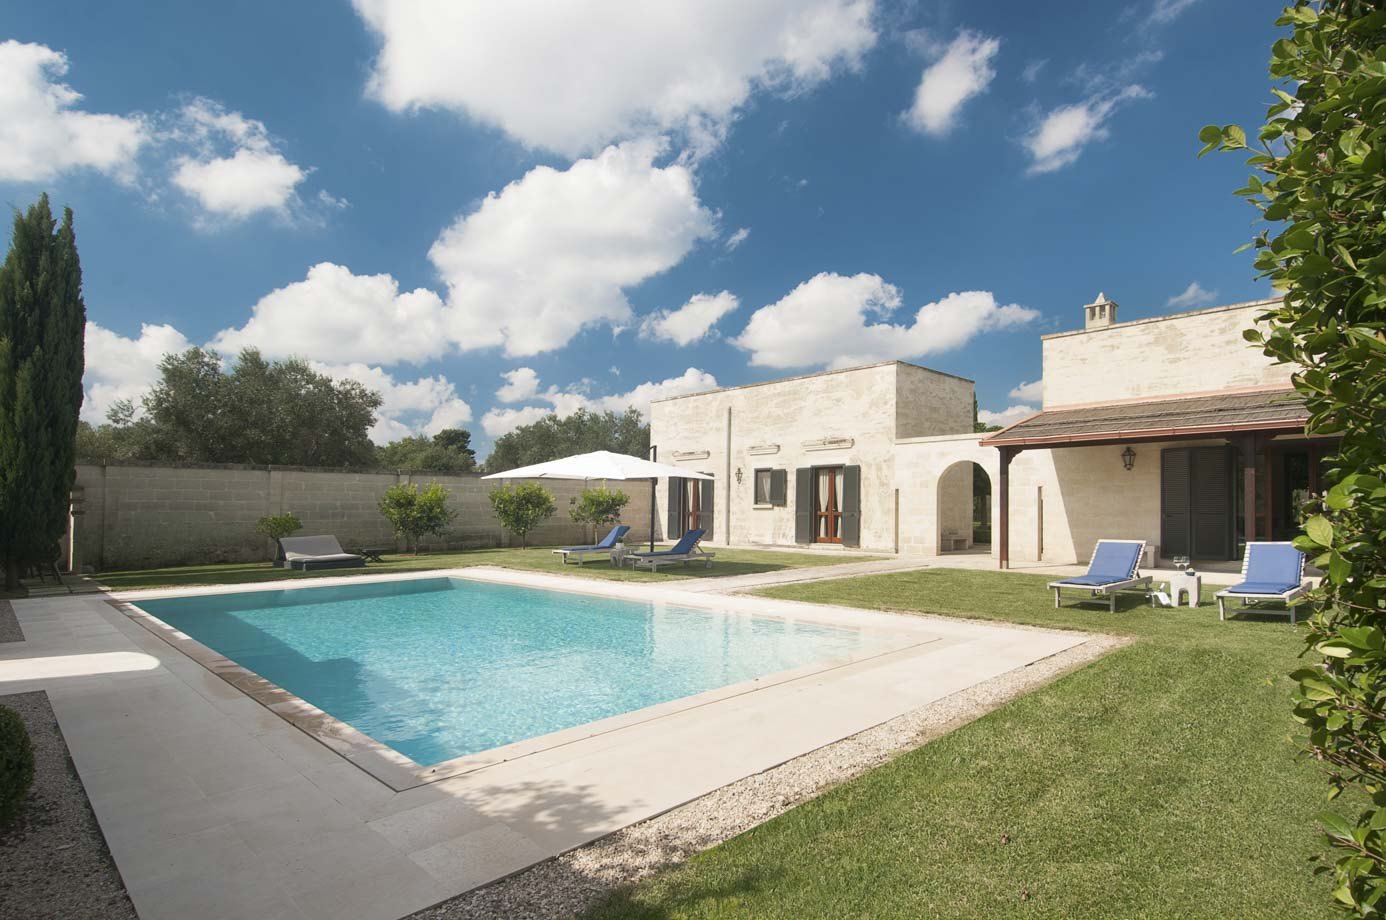 Masseria la rosa cosy luxury villa in puglia sleeps 10 - Masseria in puglia con piscina ...